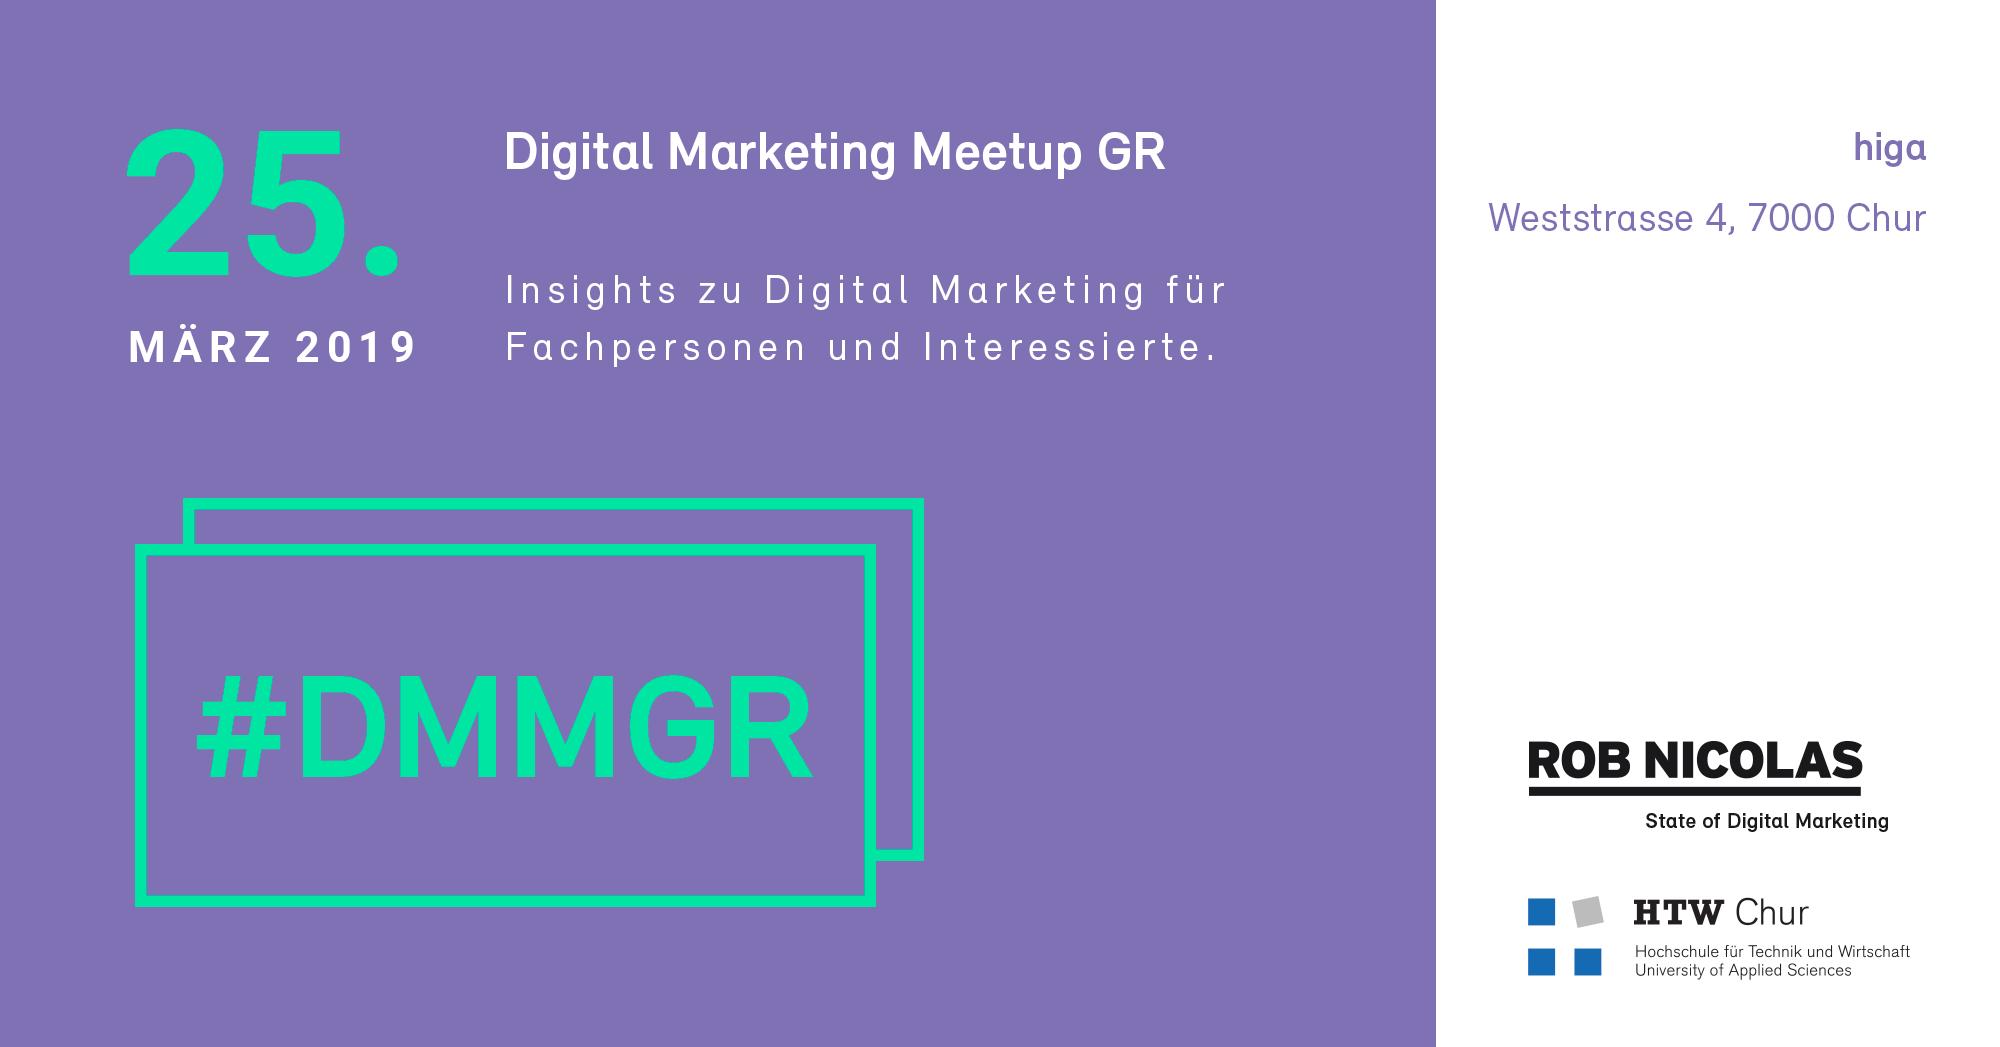 Digital Marketing Meetup Graubünden